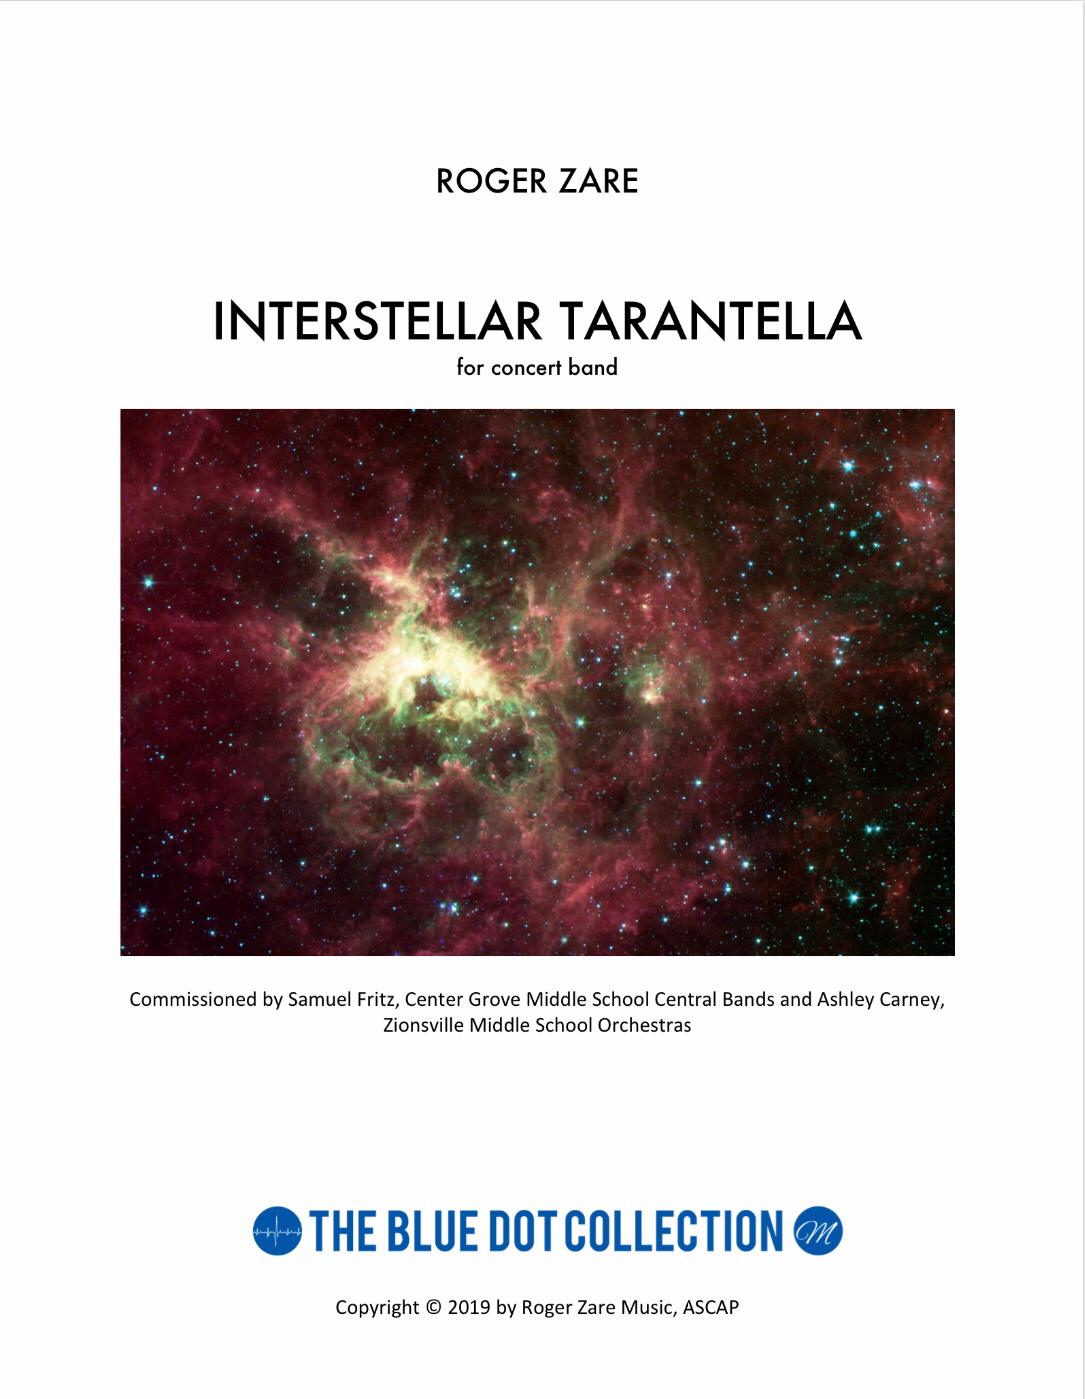 Interstellar Tarantella   by Roger Zare